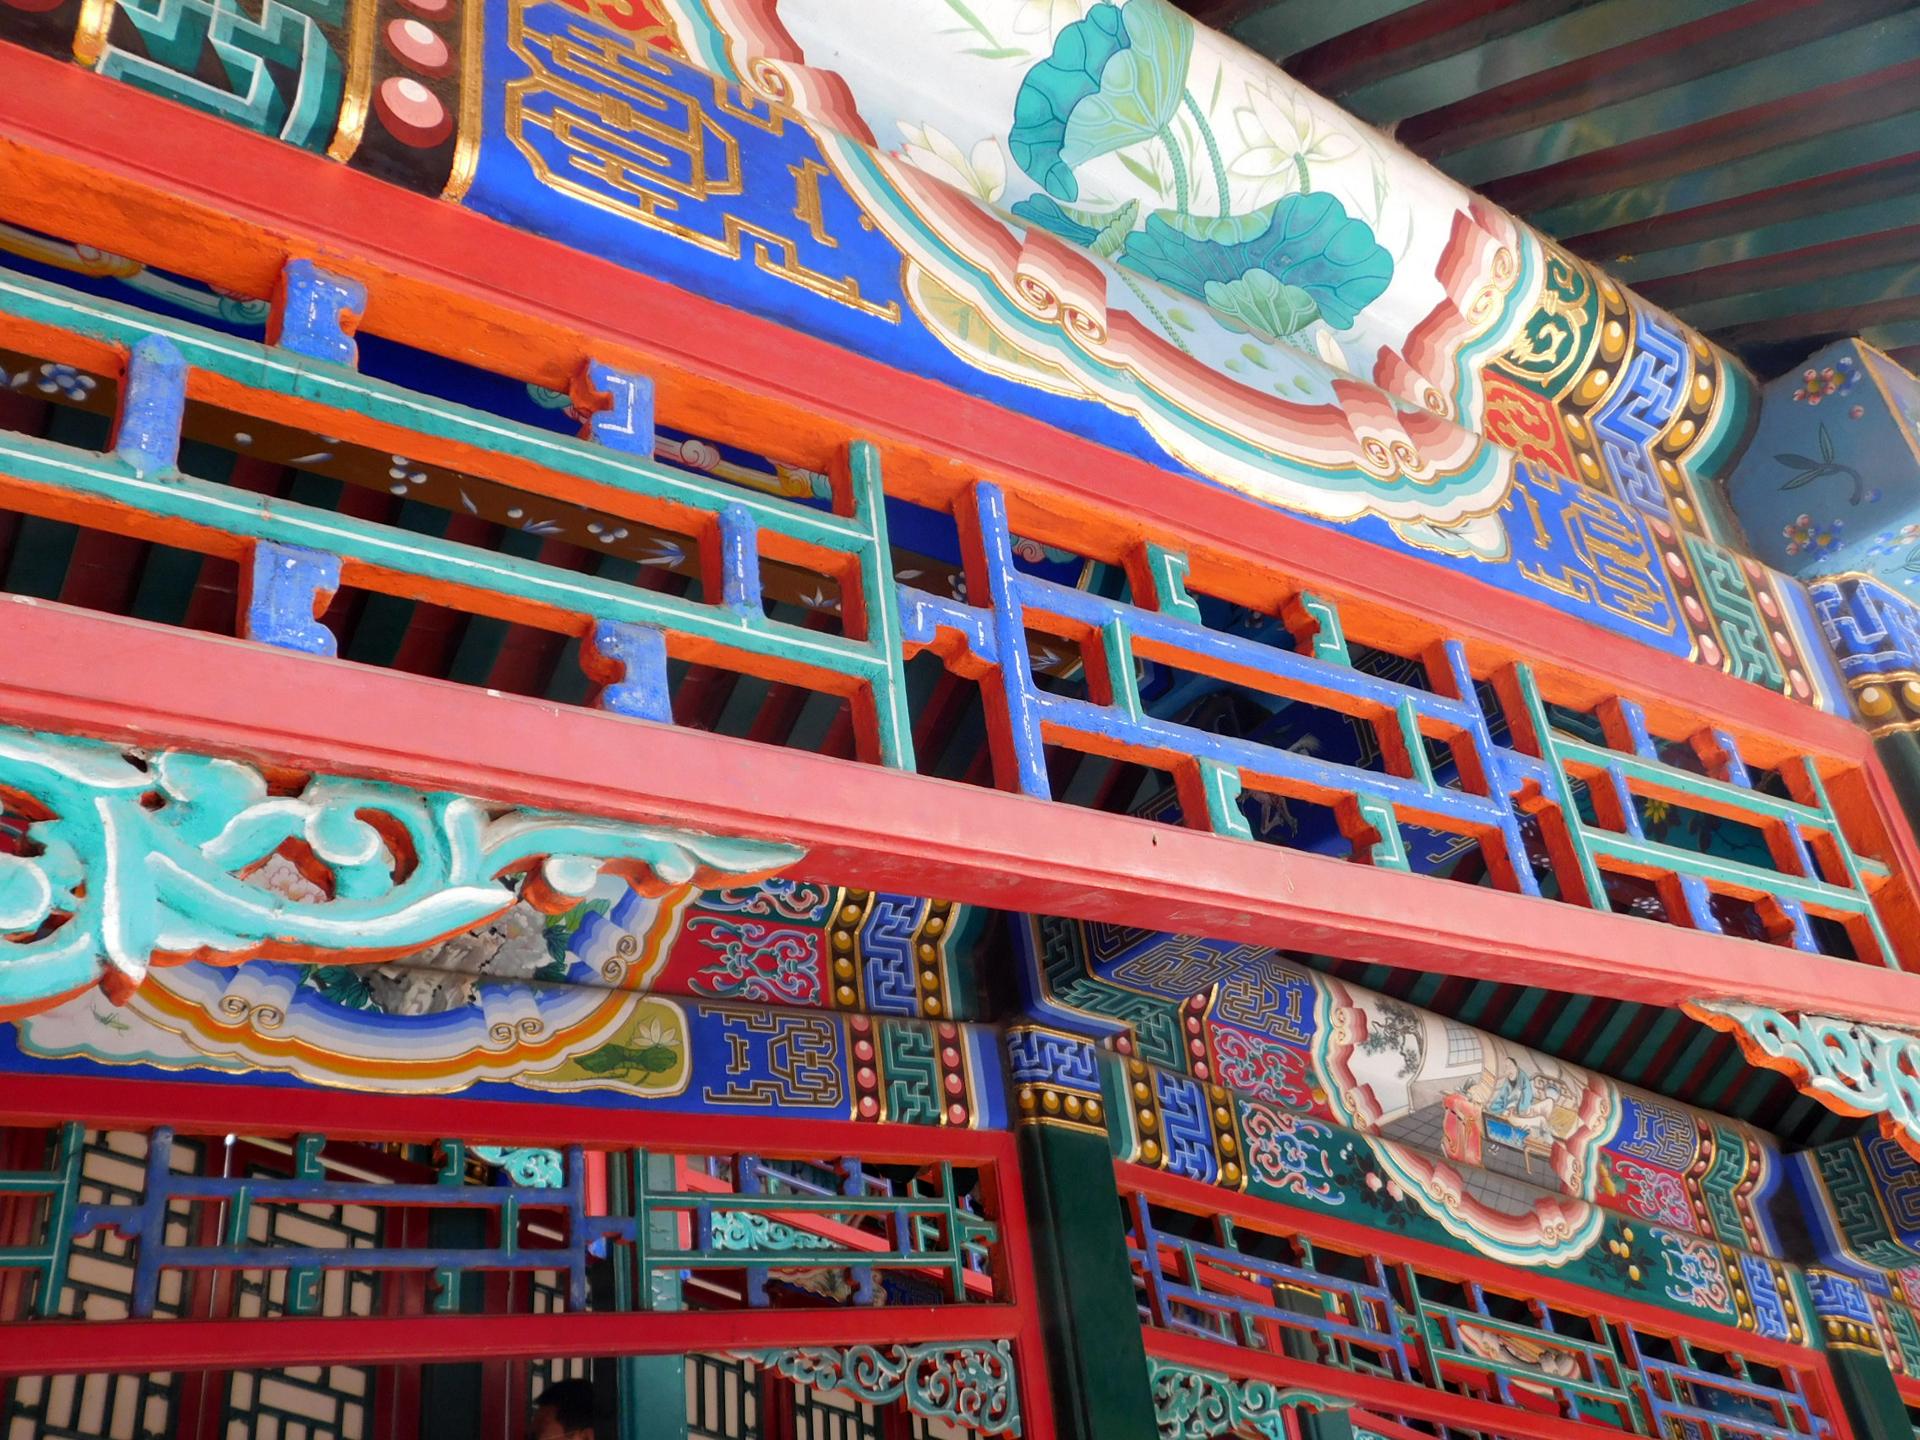 Detaillierte Malereien findet man im gesamten Areal